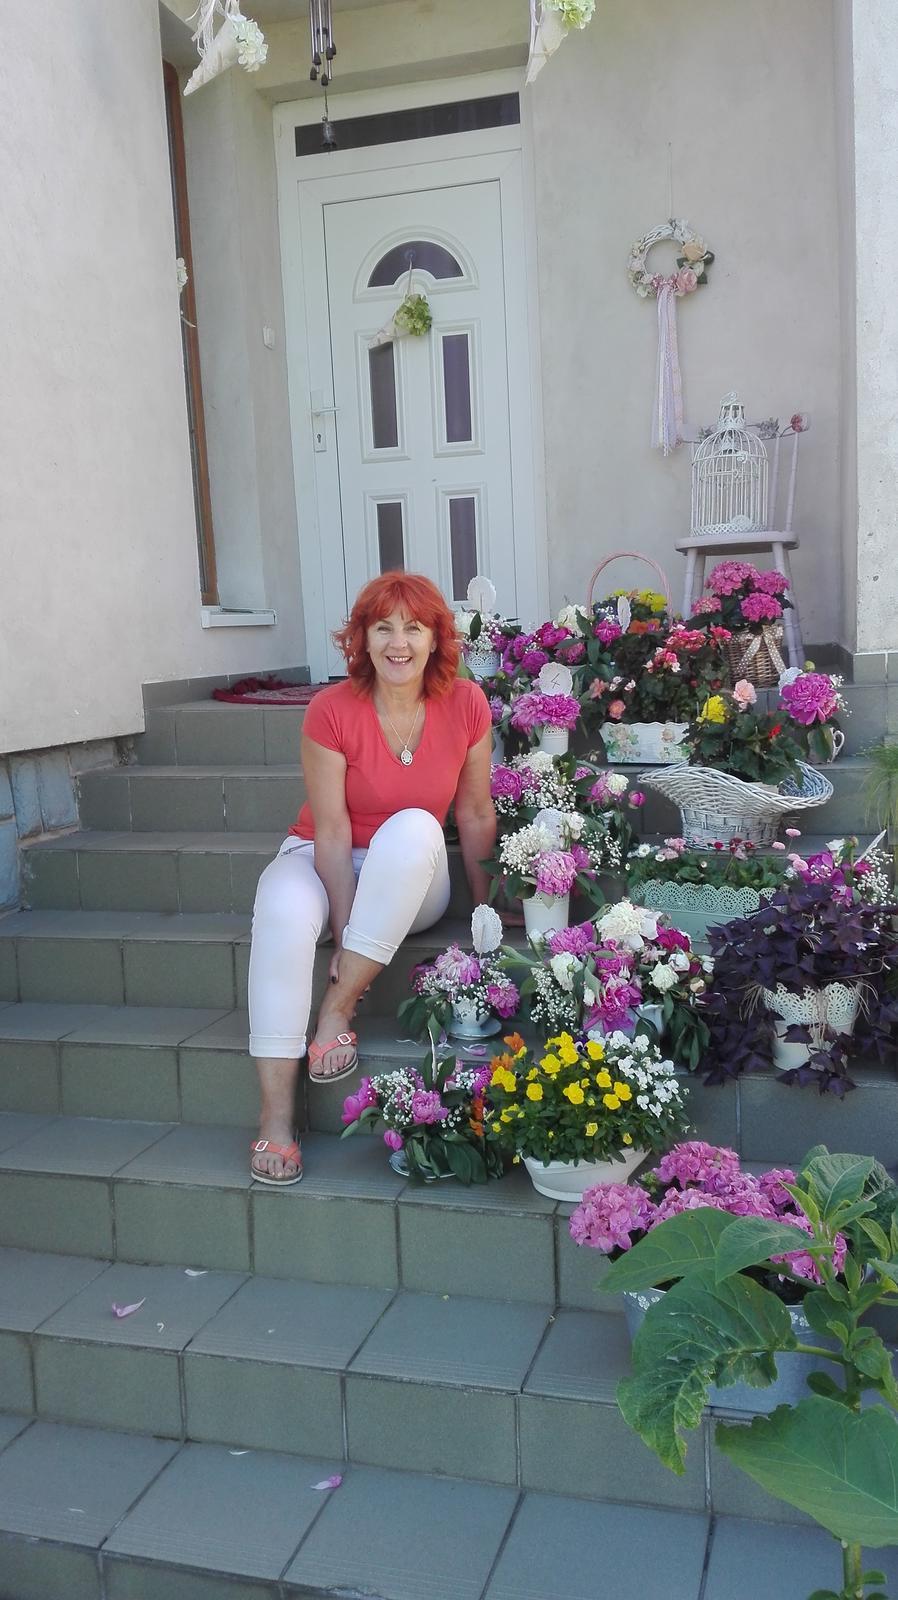 Moja handmade vyzdoba - Moja mamina, ktora mi v pomahala aranzovat kvety:) po svadbe s kvetkami z vyzdoby, ktore robili radost este par dni po svadbe na schodoch do domu:)